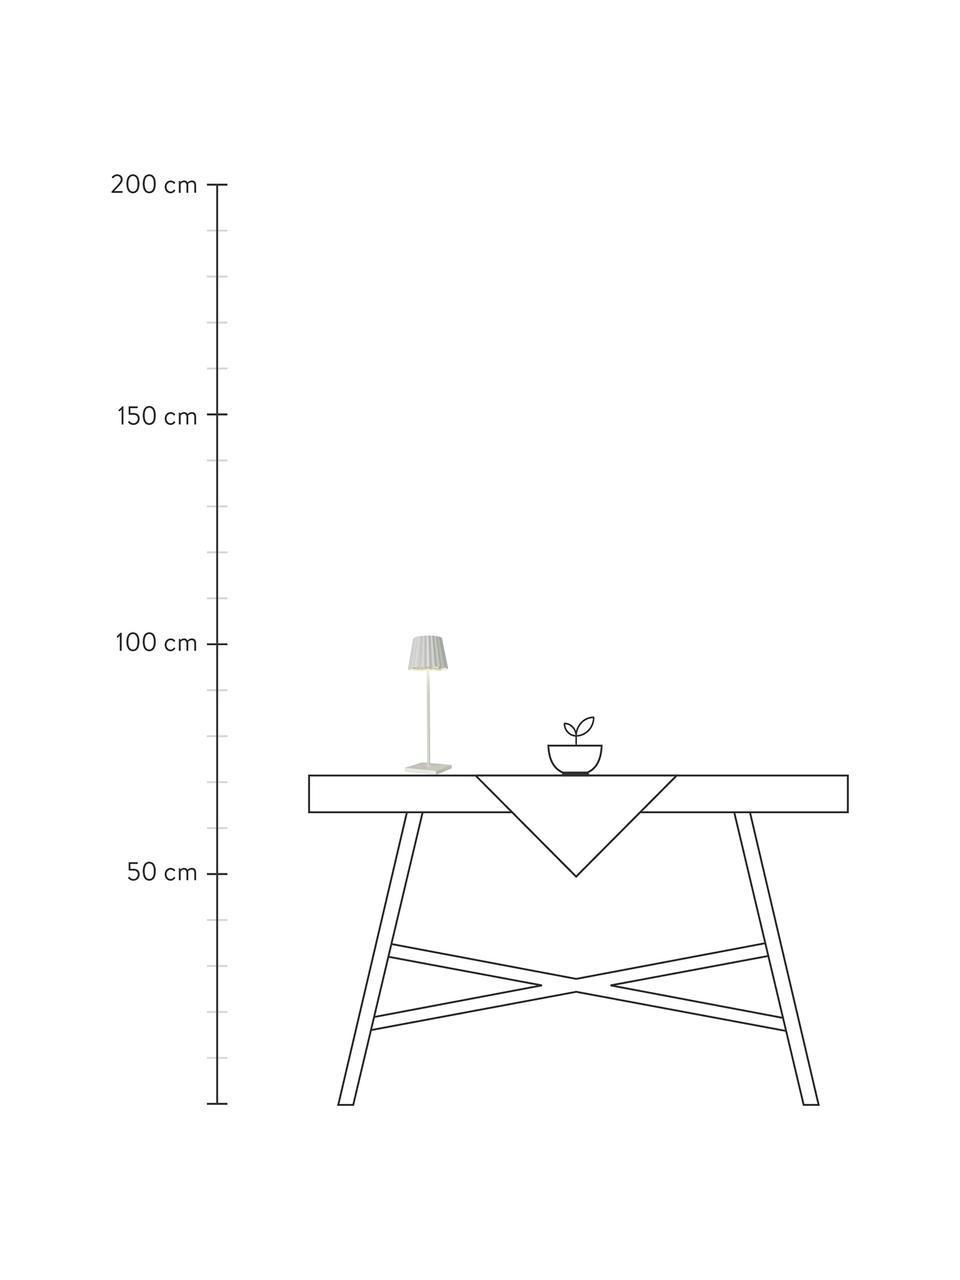 Lampe à poser d'extérieur LED mobile intensité variable Trellia, Blanc